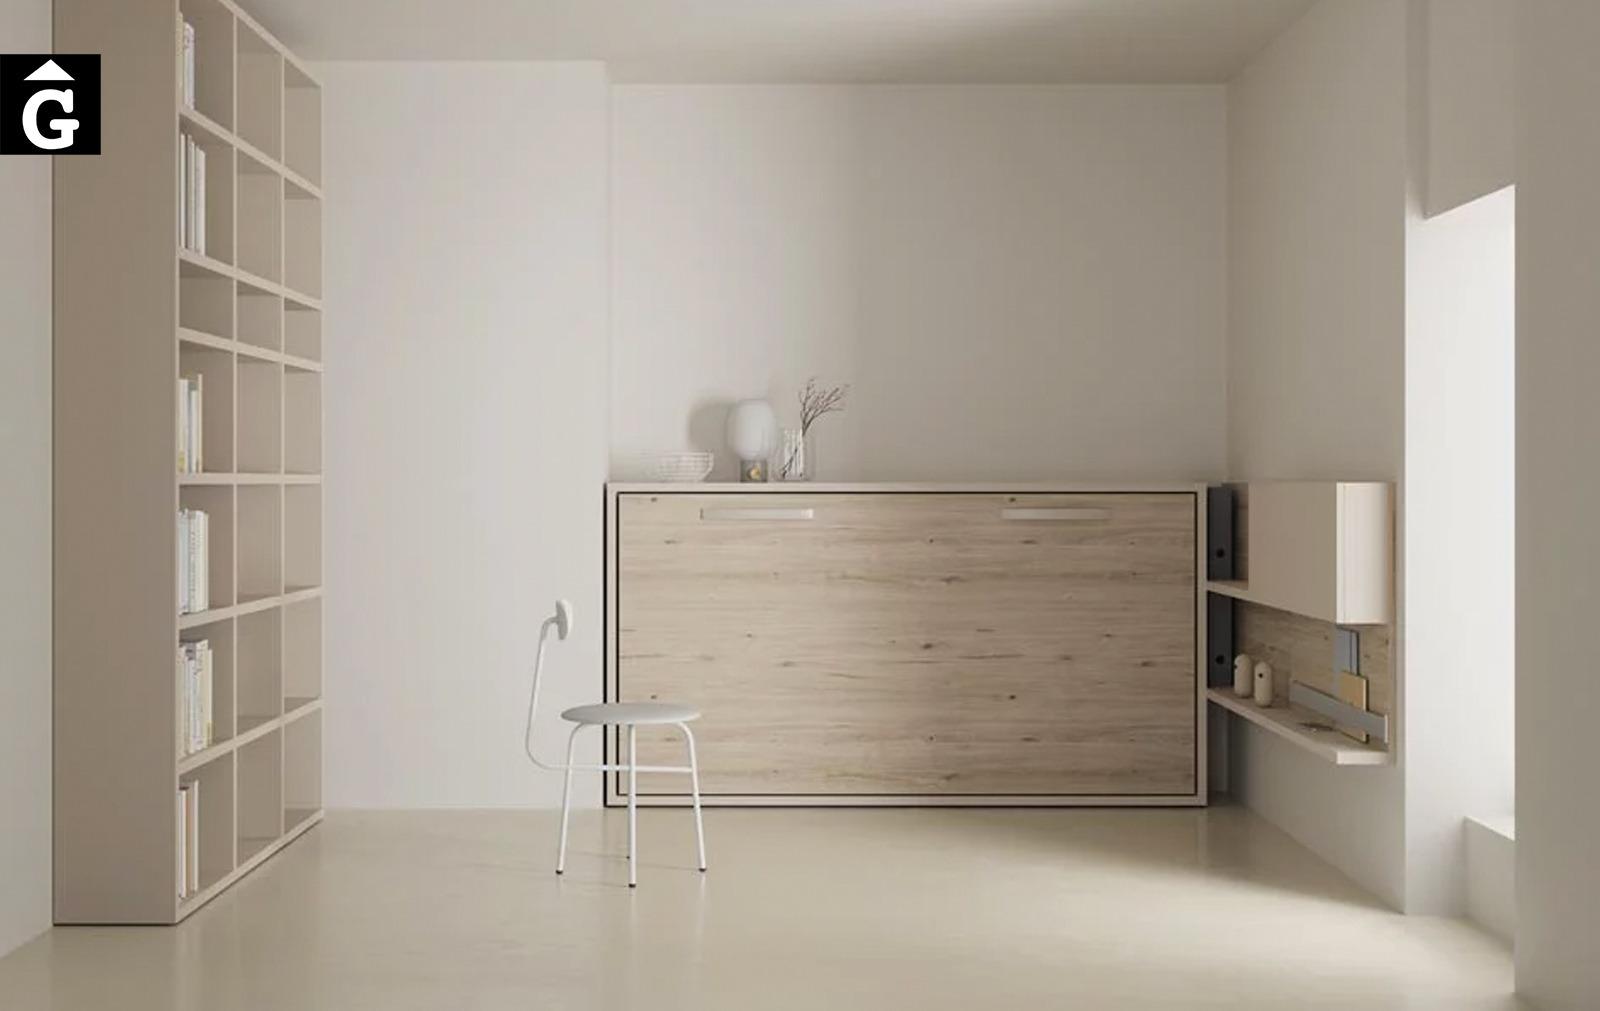 Habitació multifuncional | Llit tancat | Up & Down | llits abatibles | Pràctics, saludables i segurs | Jotajotape | mobles Gifreu